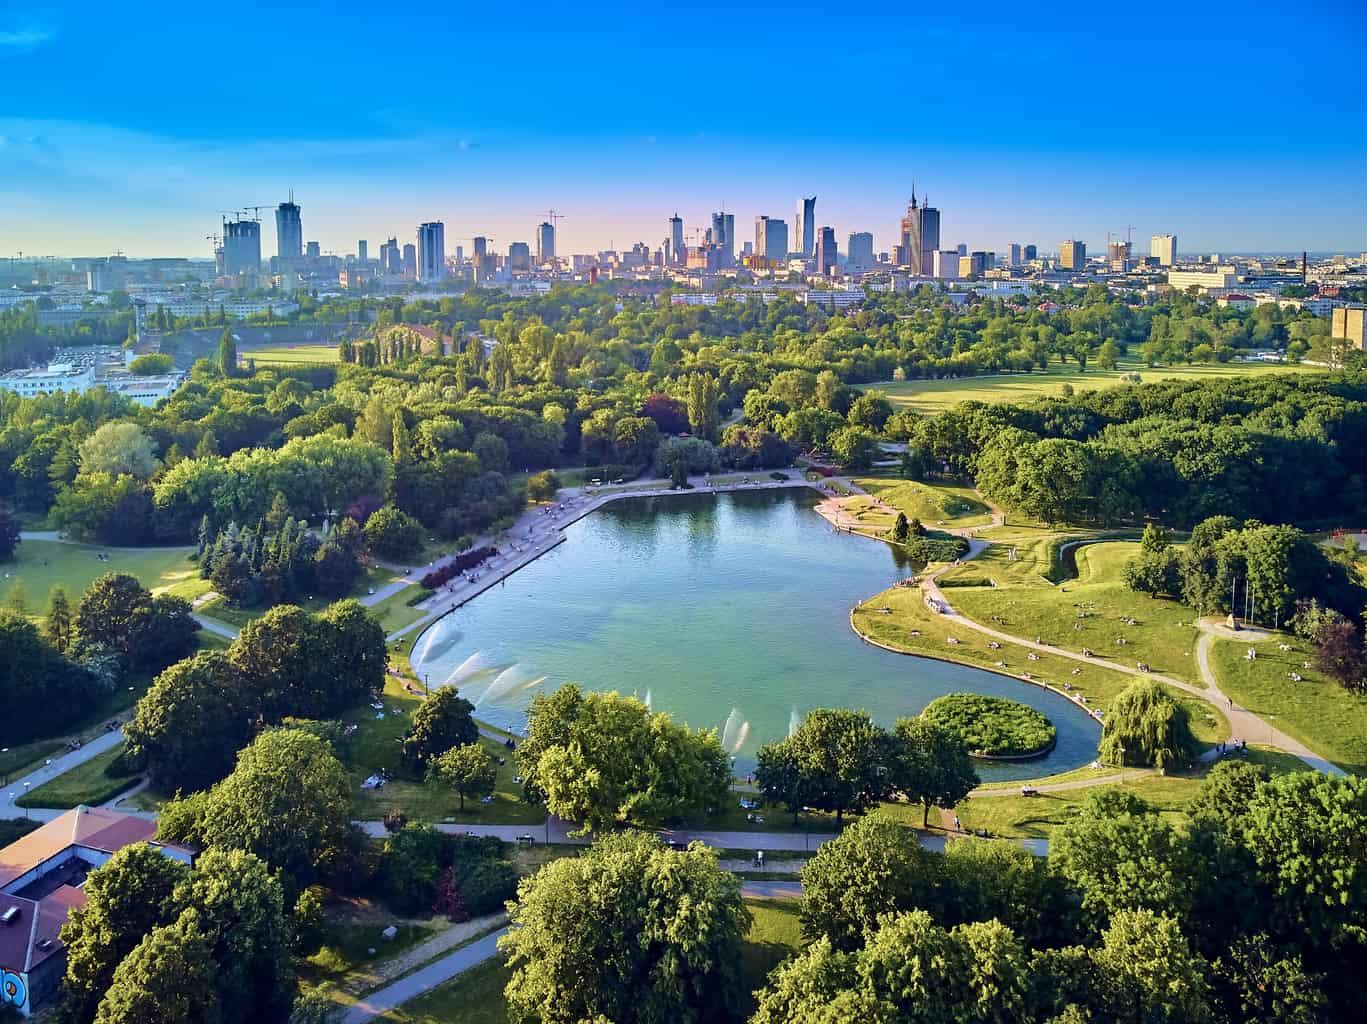 Varsóvia-também-tem-muito-a-oferecer-durante-a-lua-de-mel-e-o-seu-centro-histórico-também-foi-reconhecido-pela-Unesco-como-Patrimônio-Mundial-da-Humanidade.